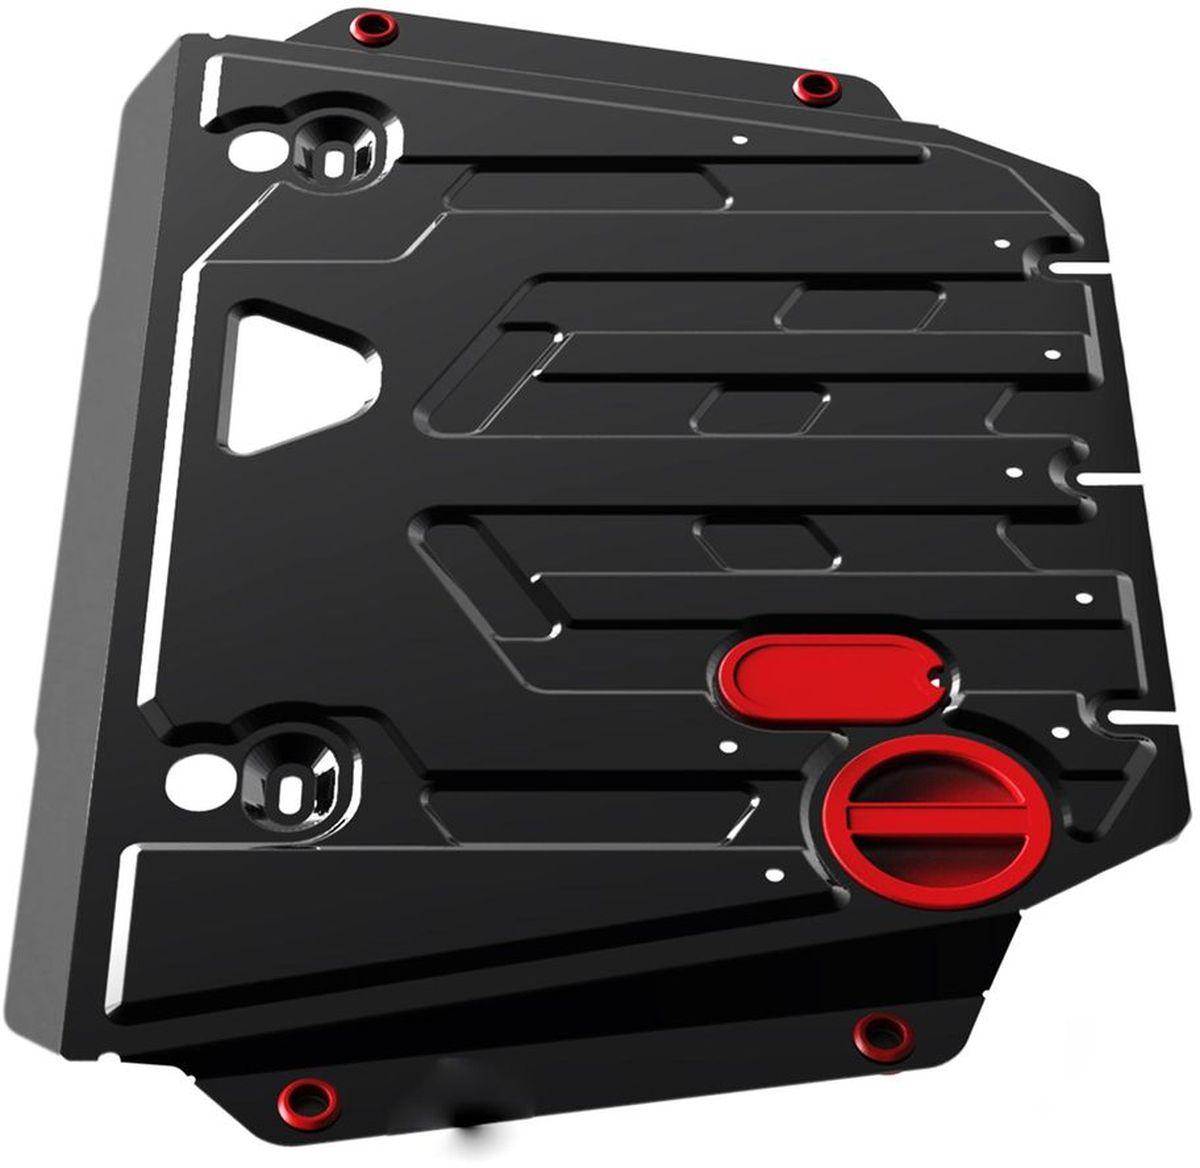 Защита картера и КПП Автоброня ACURA MDX 2014-, сталь 2 мм111.00101.1Защита картера и КПП Автоброня ACURA MDX, V - 3,5 2014-, сталь 2 мм, комплект крепежа, 111.00101.1Стальные защиты Автоброня надежно защищают ваш автомобиль от повреждений при наезде на бордюры, выступающие канализационные люки, кромки поврежденного асфальта или при ремонте дорог, не говоря уже о загородных дорогах.- Имеют оптимальное соотношение цена-качество.- Спроектированы с учетом особенностей автомобиля, что делает установку удобной.- Защита устанавливается в штатные места кузова автомобиля.- Является надежной защитой для важных элементов на протяжении долгих лет.- Глубокий штамп дополнительно усиливает конструкцию защиты.- Подштамповка в местах крепления защищает крепеж от срезания.- Технологические отверстия там, где они необходимы для смены масла и слива воды, оборудованные заглушками, закрепленными на защите.Толщина стали 2 мм.В комплекте крепеж и инструкция по установке.Уважаемые клиенты!Обращаем ваше внимание на тот факт, что защита имеет форму, соответствующую модели данного автомобиля. Наличие глубокого штампа и лючков для смены фильтров/масла предусмотрено не на всех защитах. Фото служит для визуального восприятия товара.